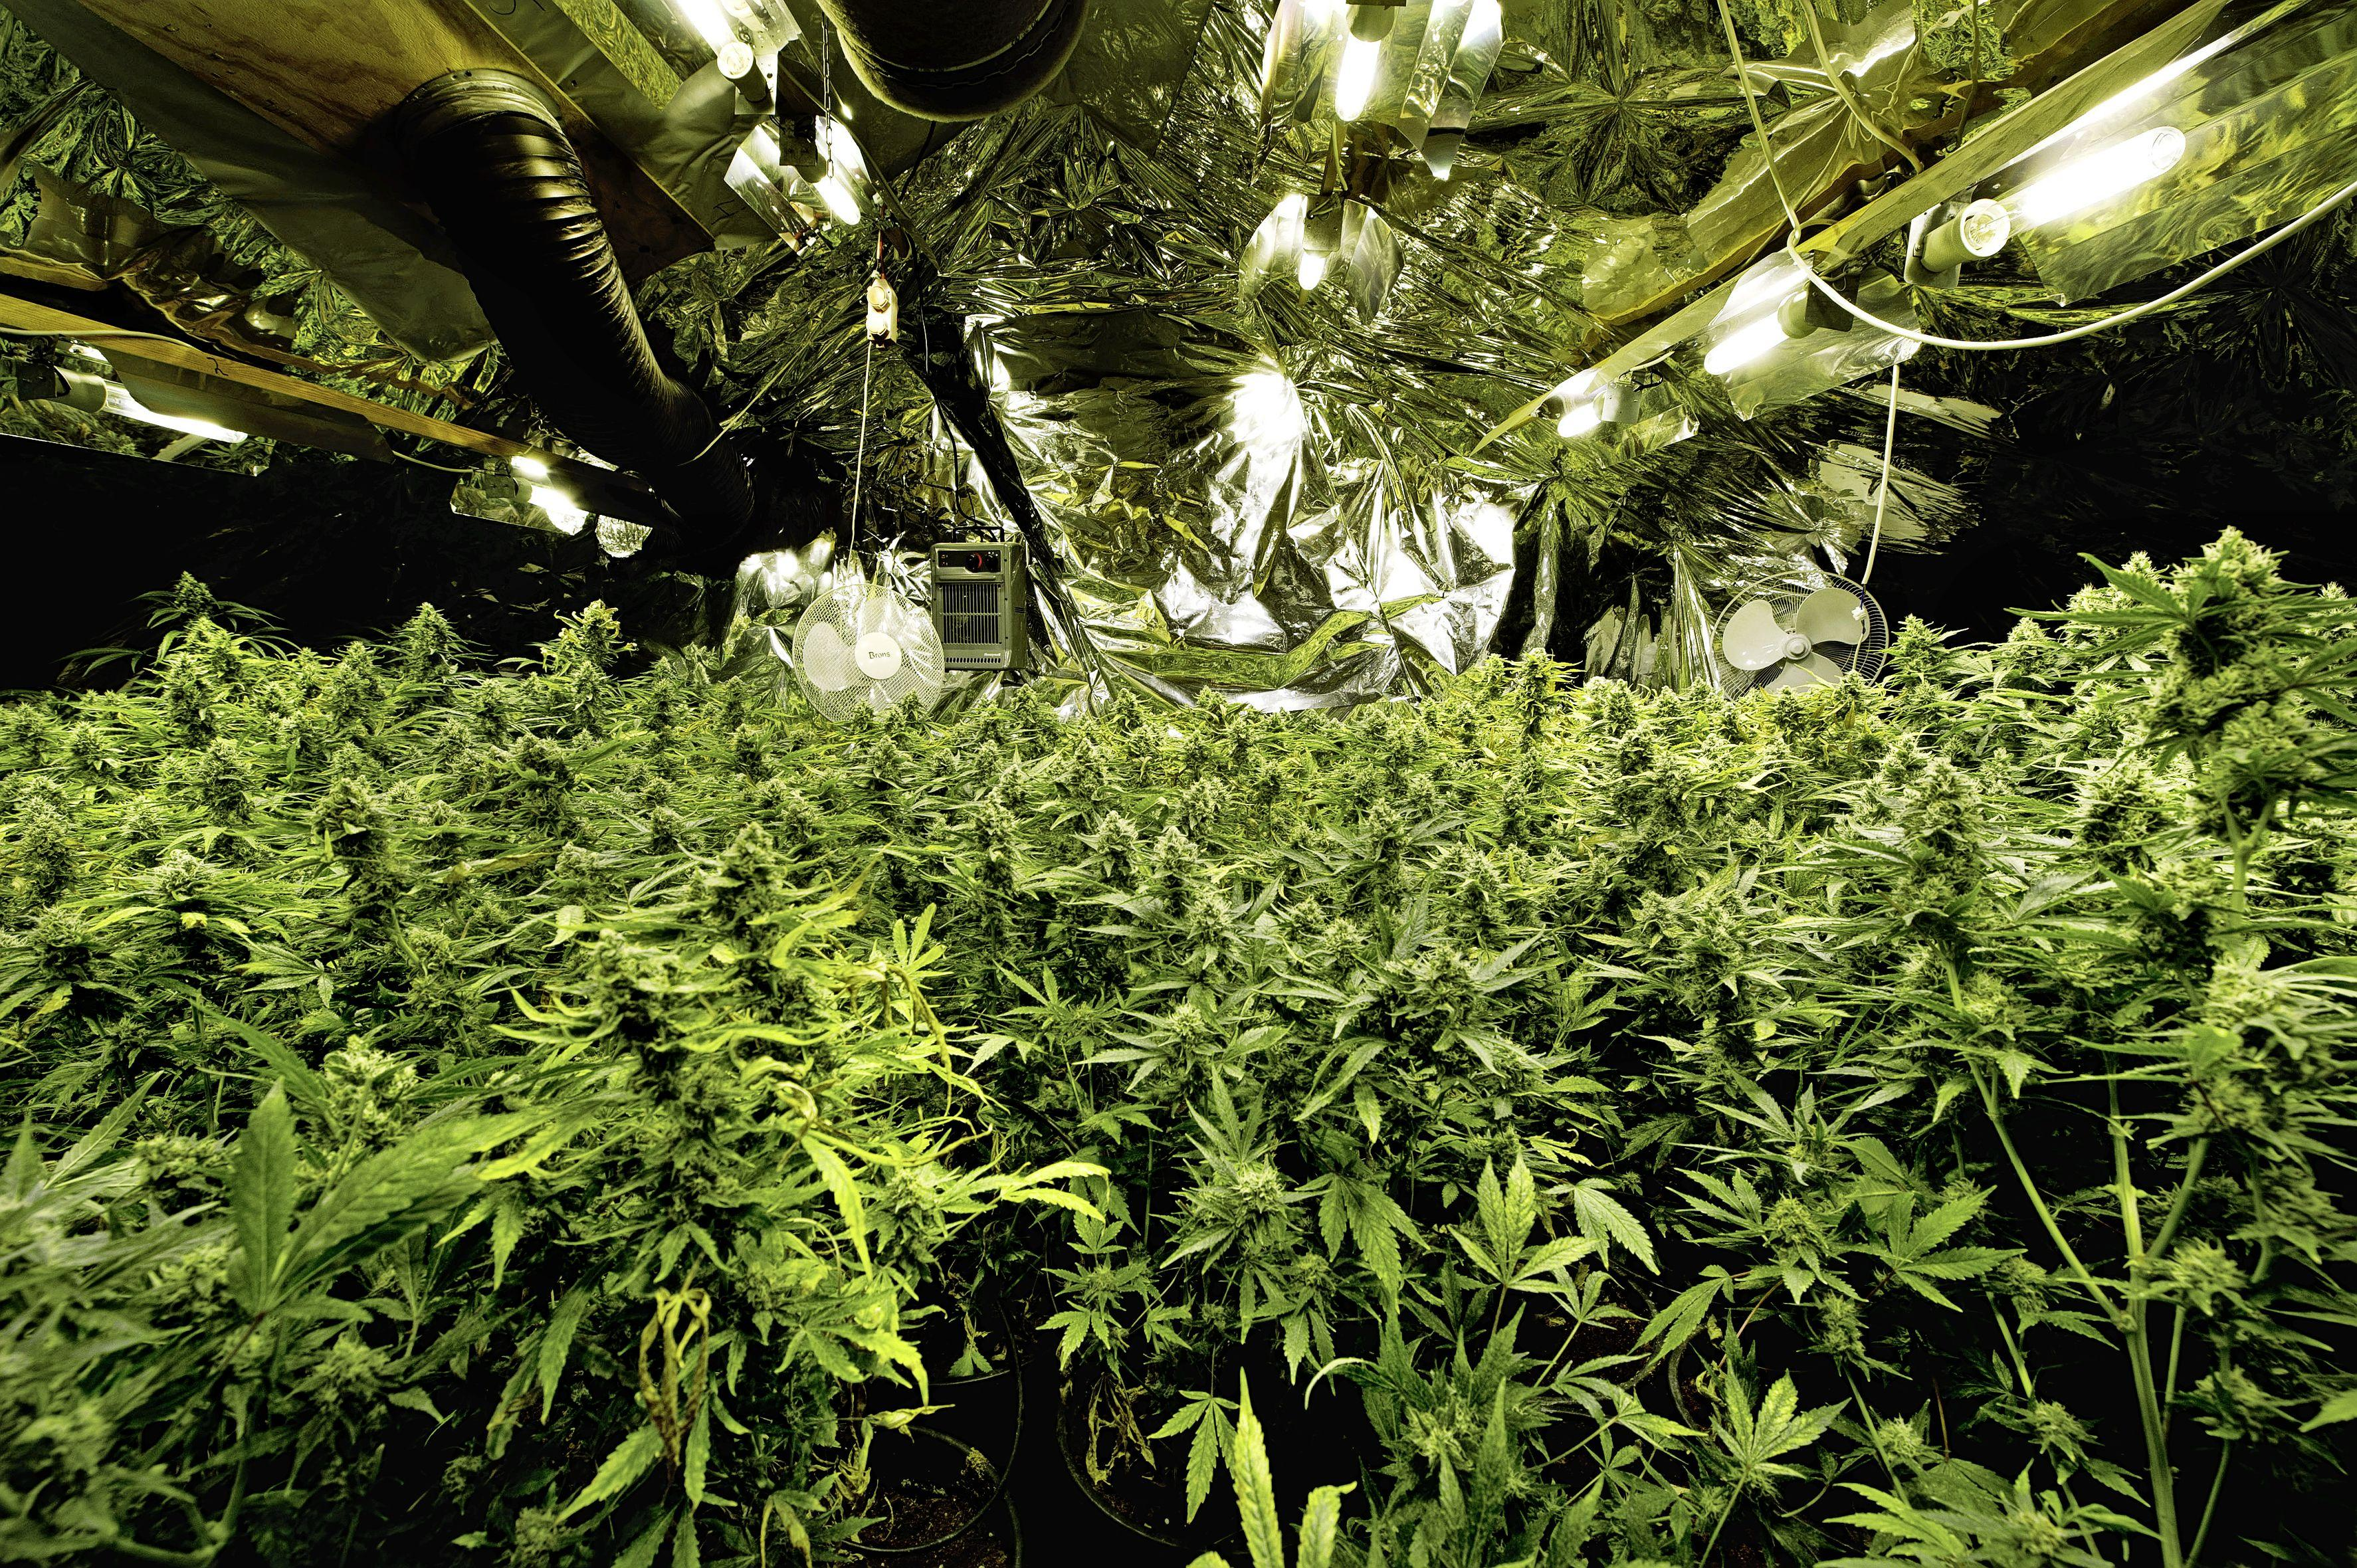 Limmenaar (74) wordt voor 'slechts' 5050 in plaats van 134.390 euro 'geplukt' vanwege wietplantage in tuinhuis